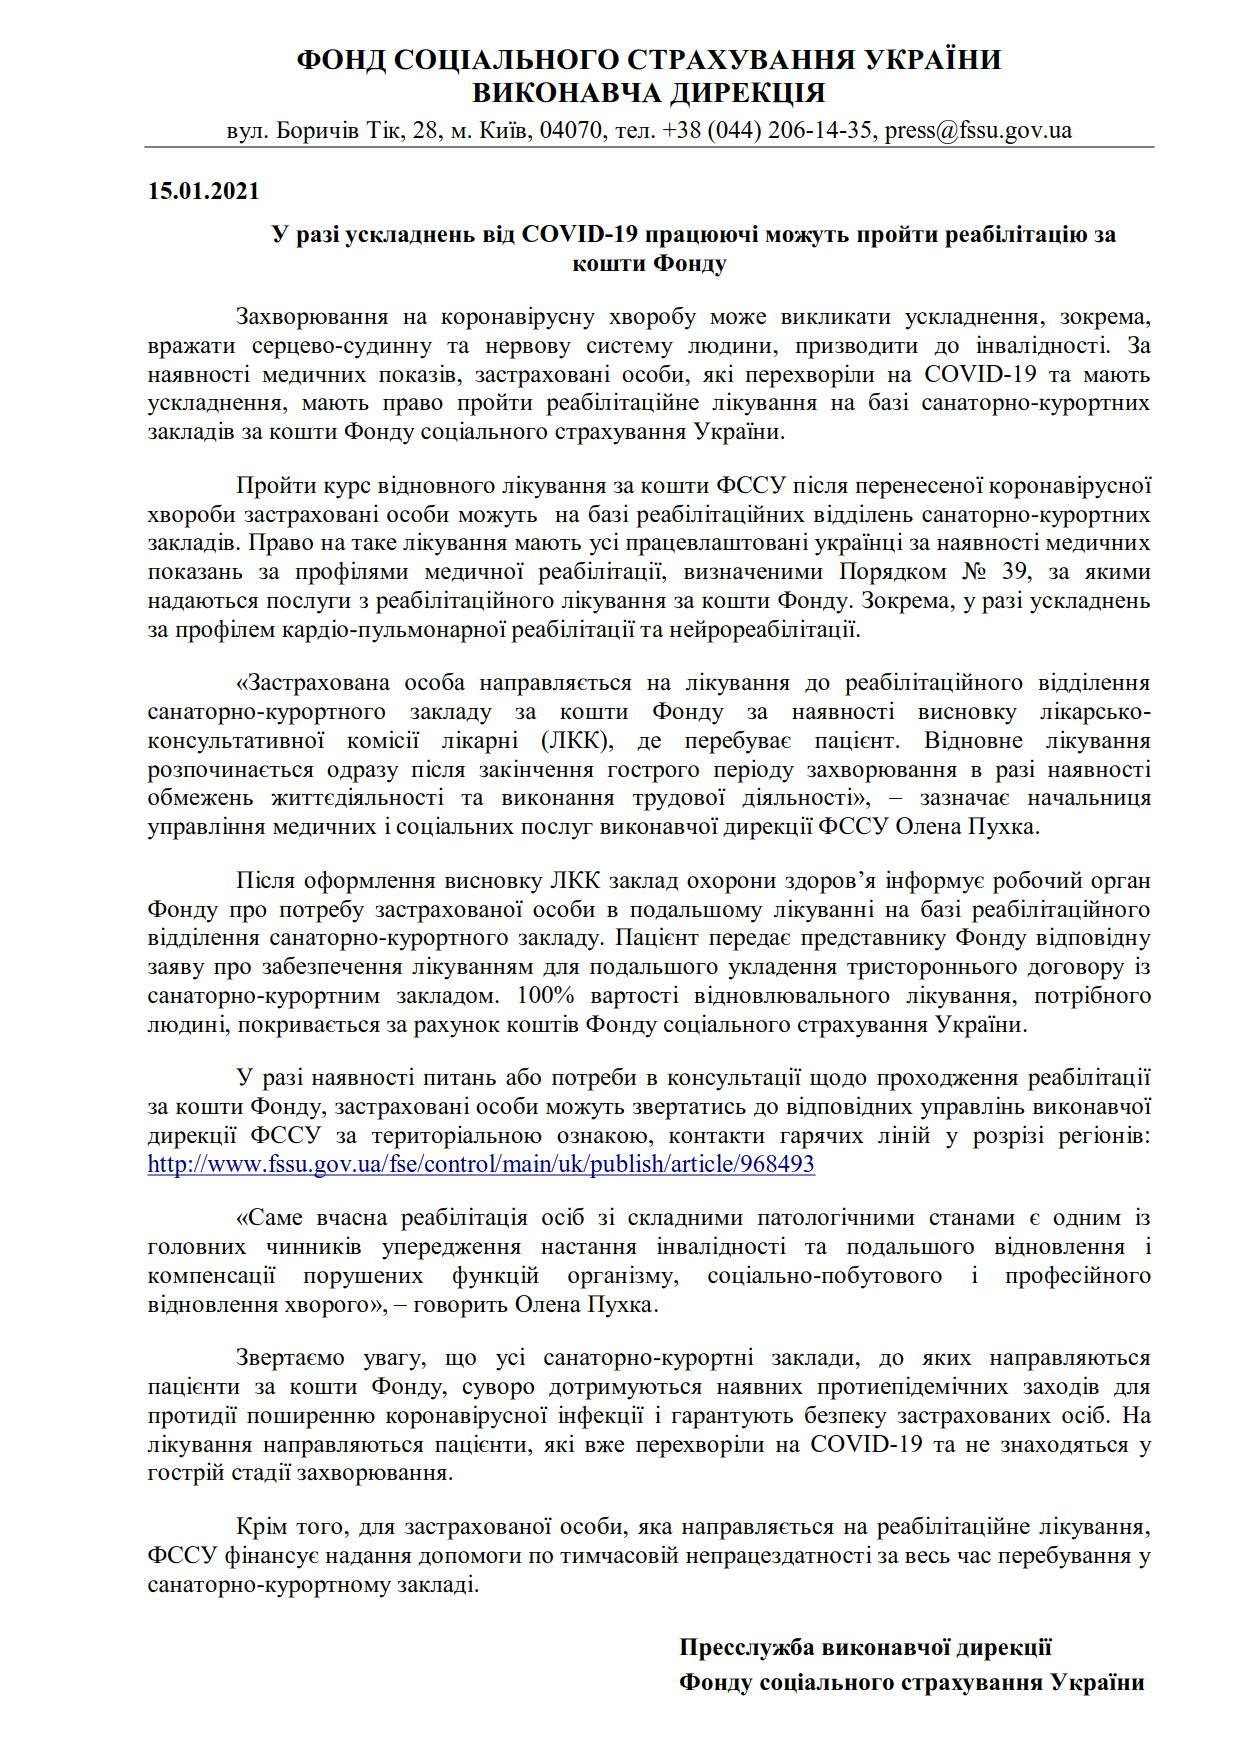 ФССУ_Реабілітація після коронавірусної хвороби_1